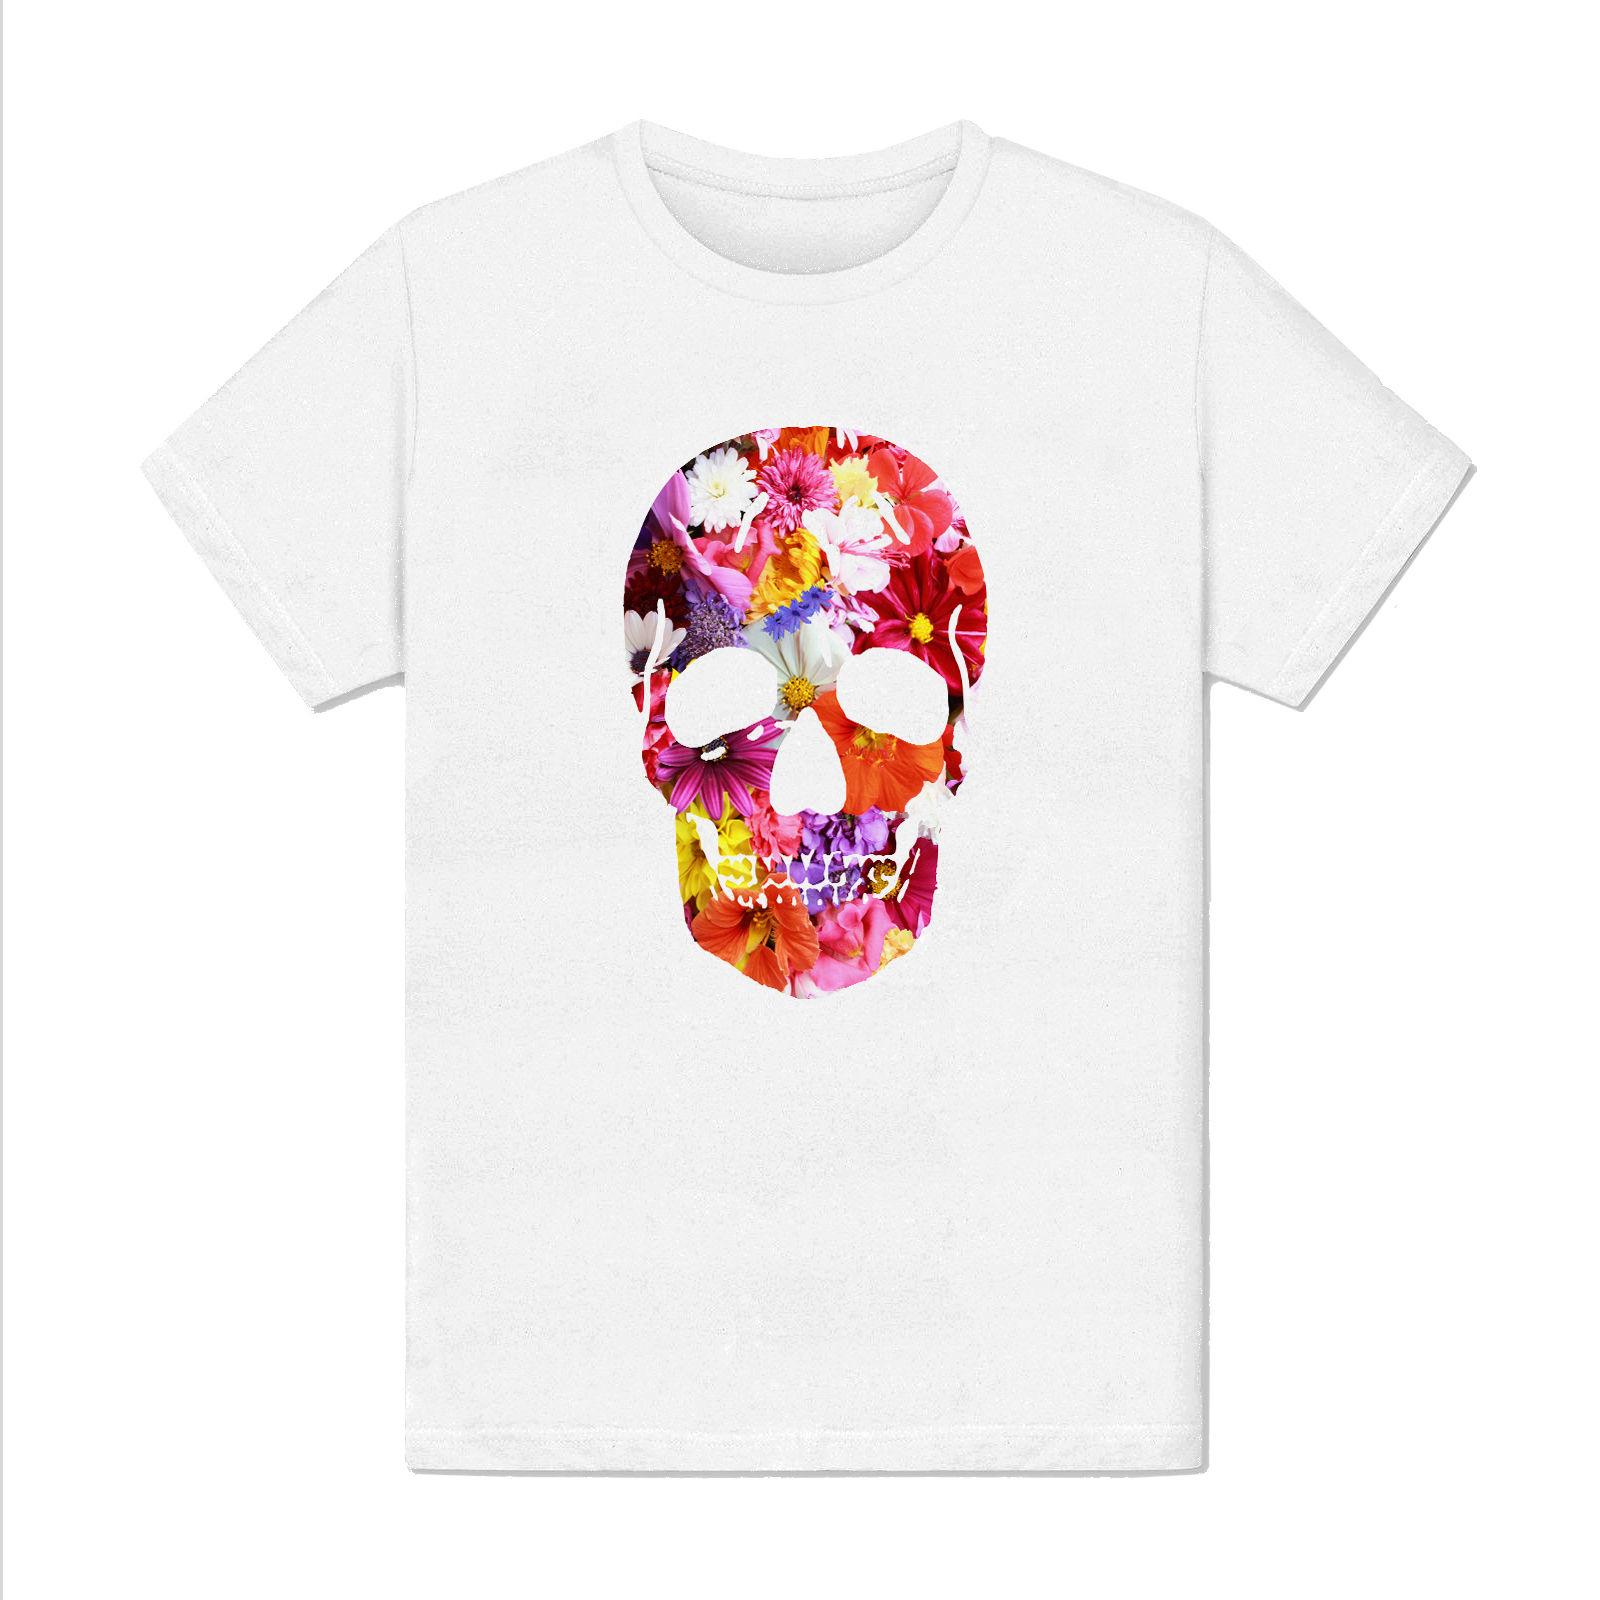 Womens T-shirt Homme - Fleur Skull - Design jour des morts hommage paix mort mode